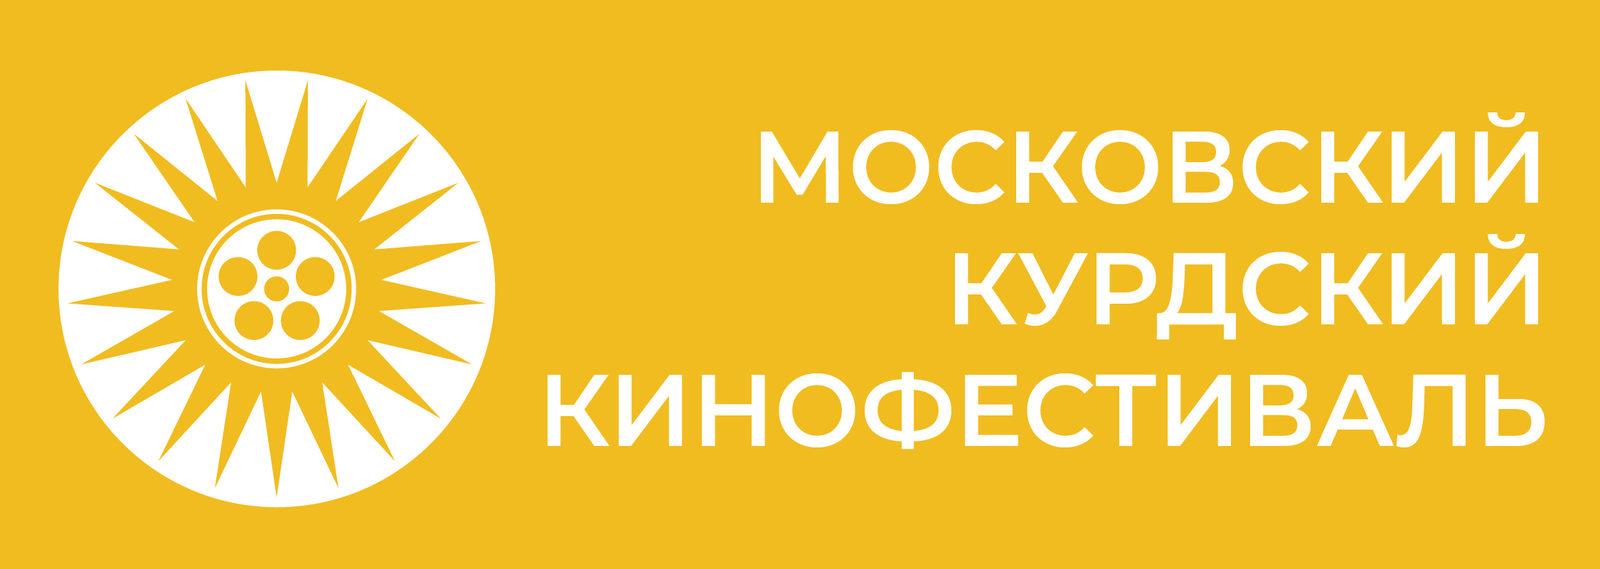 В Москве впервые пройдет Курдский кинофестиваль